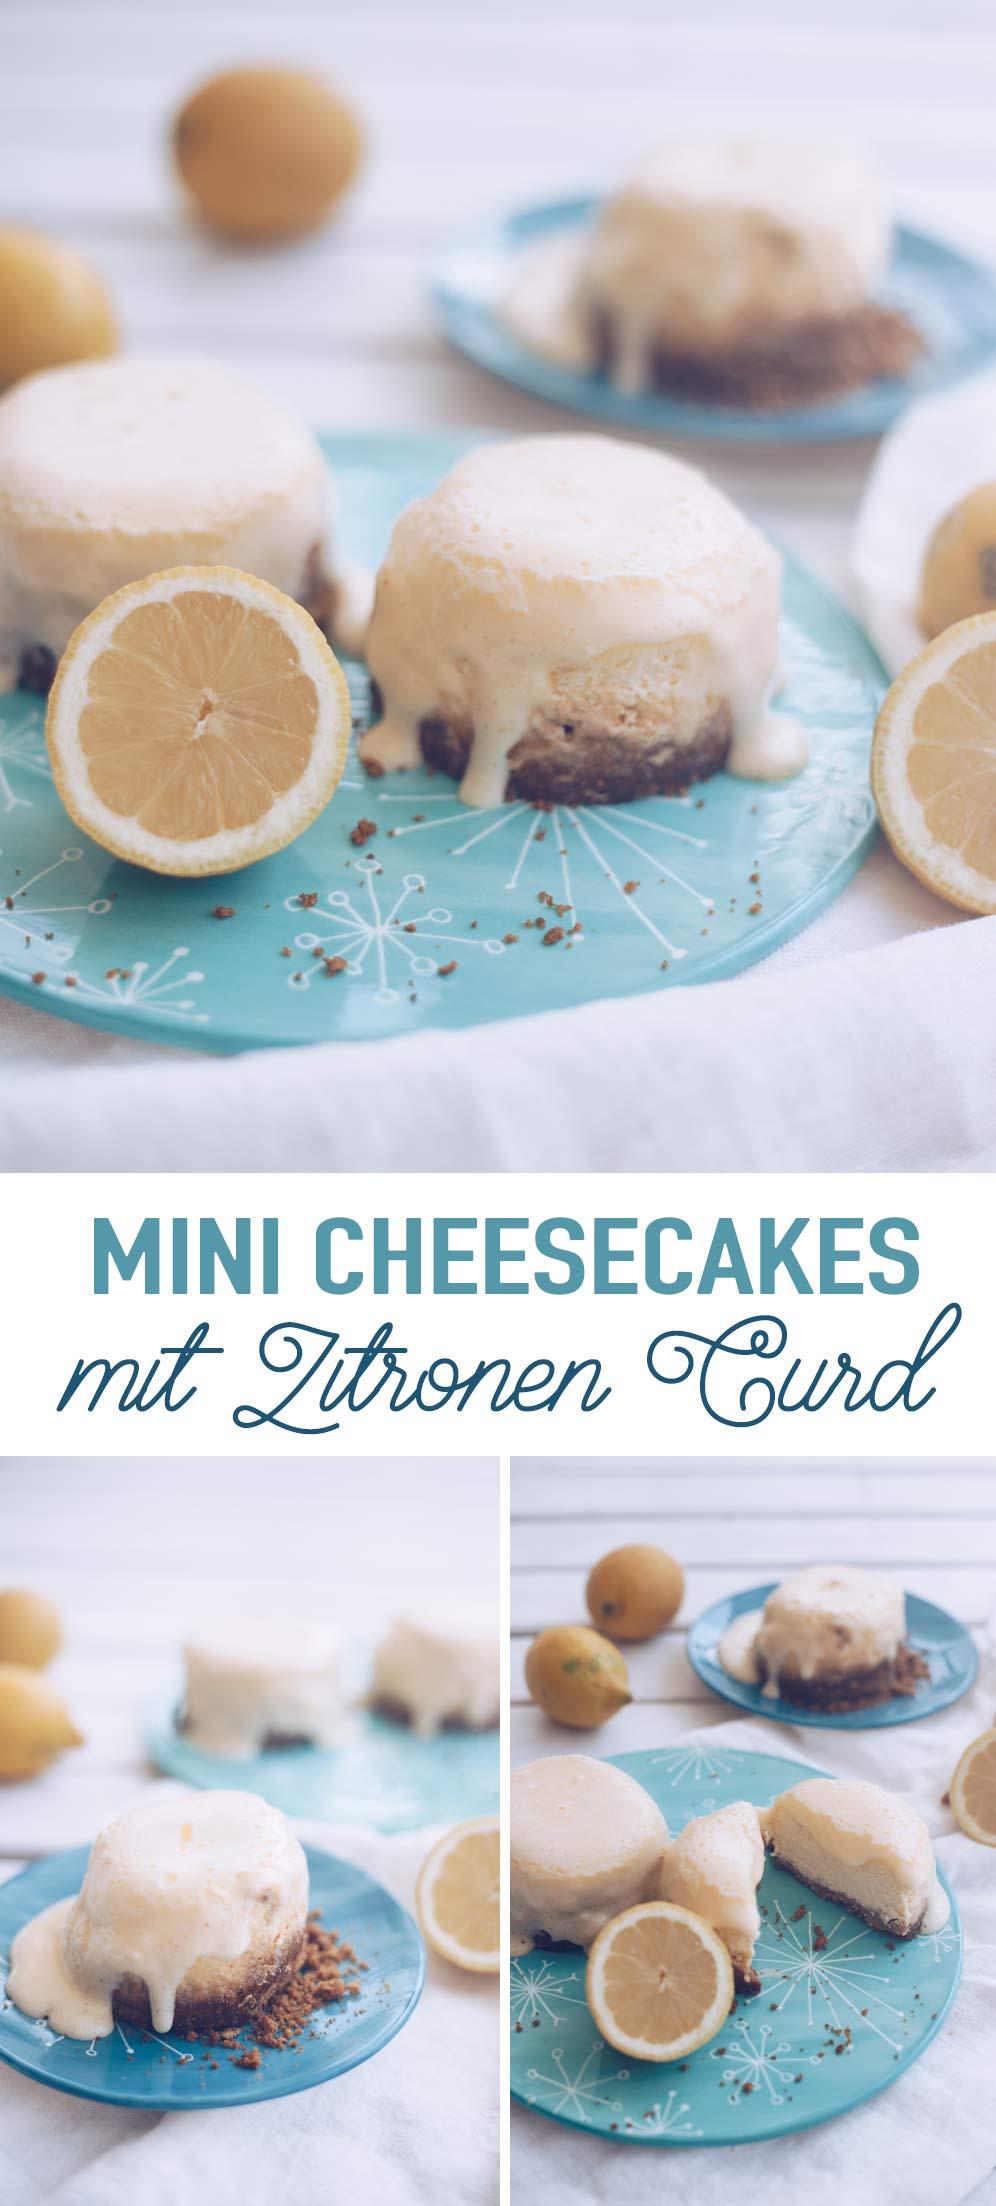 Mini Cheesecakes mit Zitronen Curd backen - einfaches Rezept